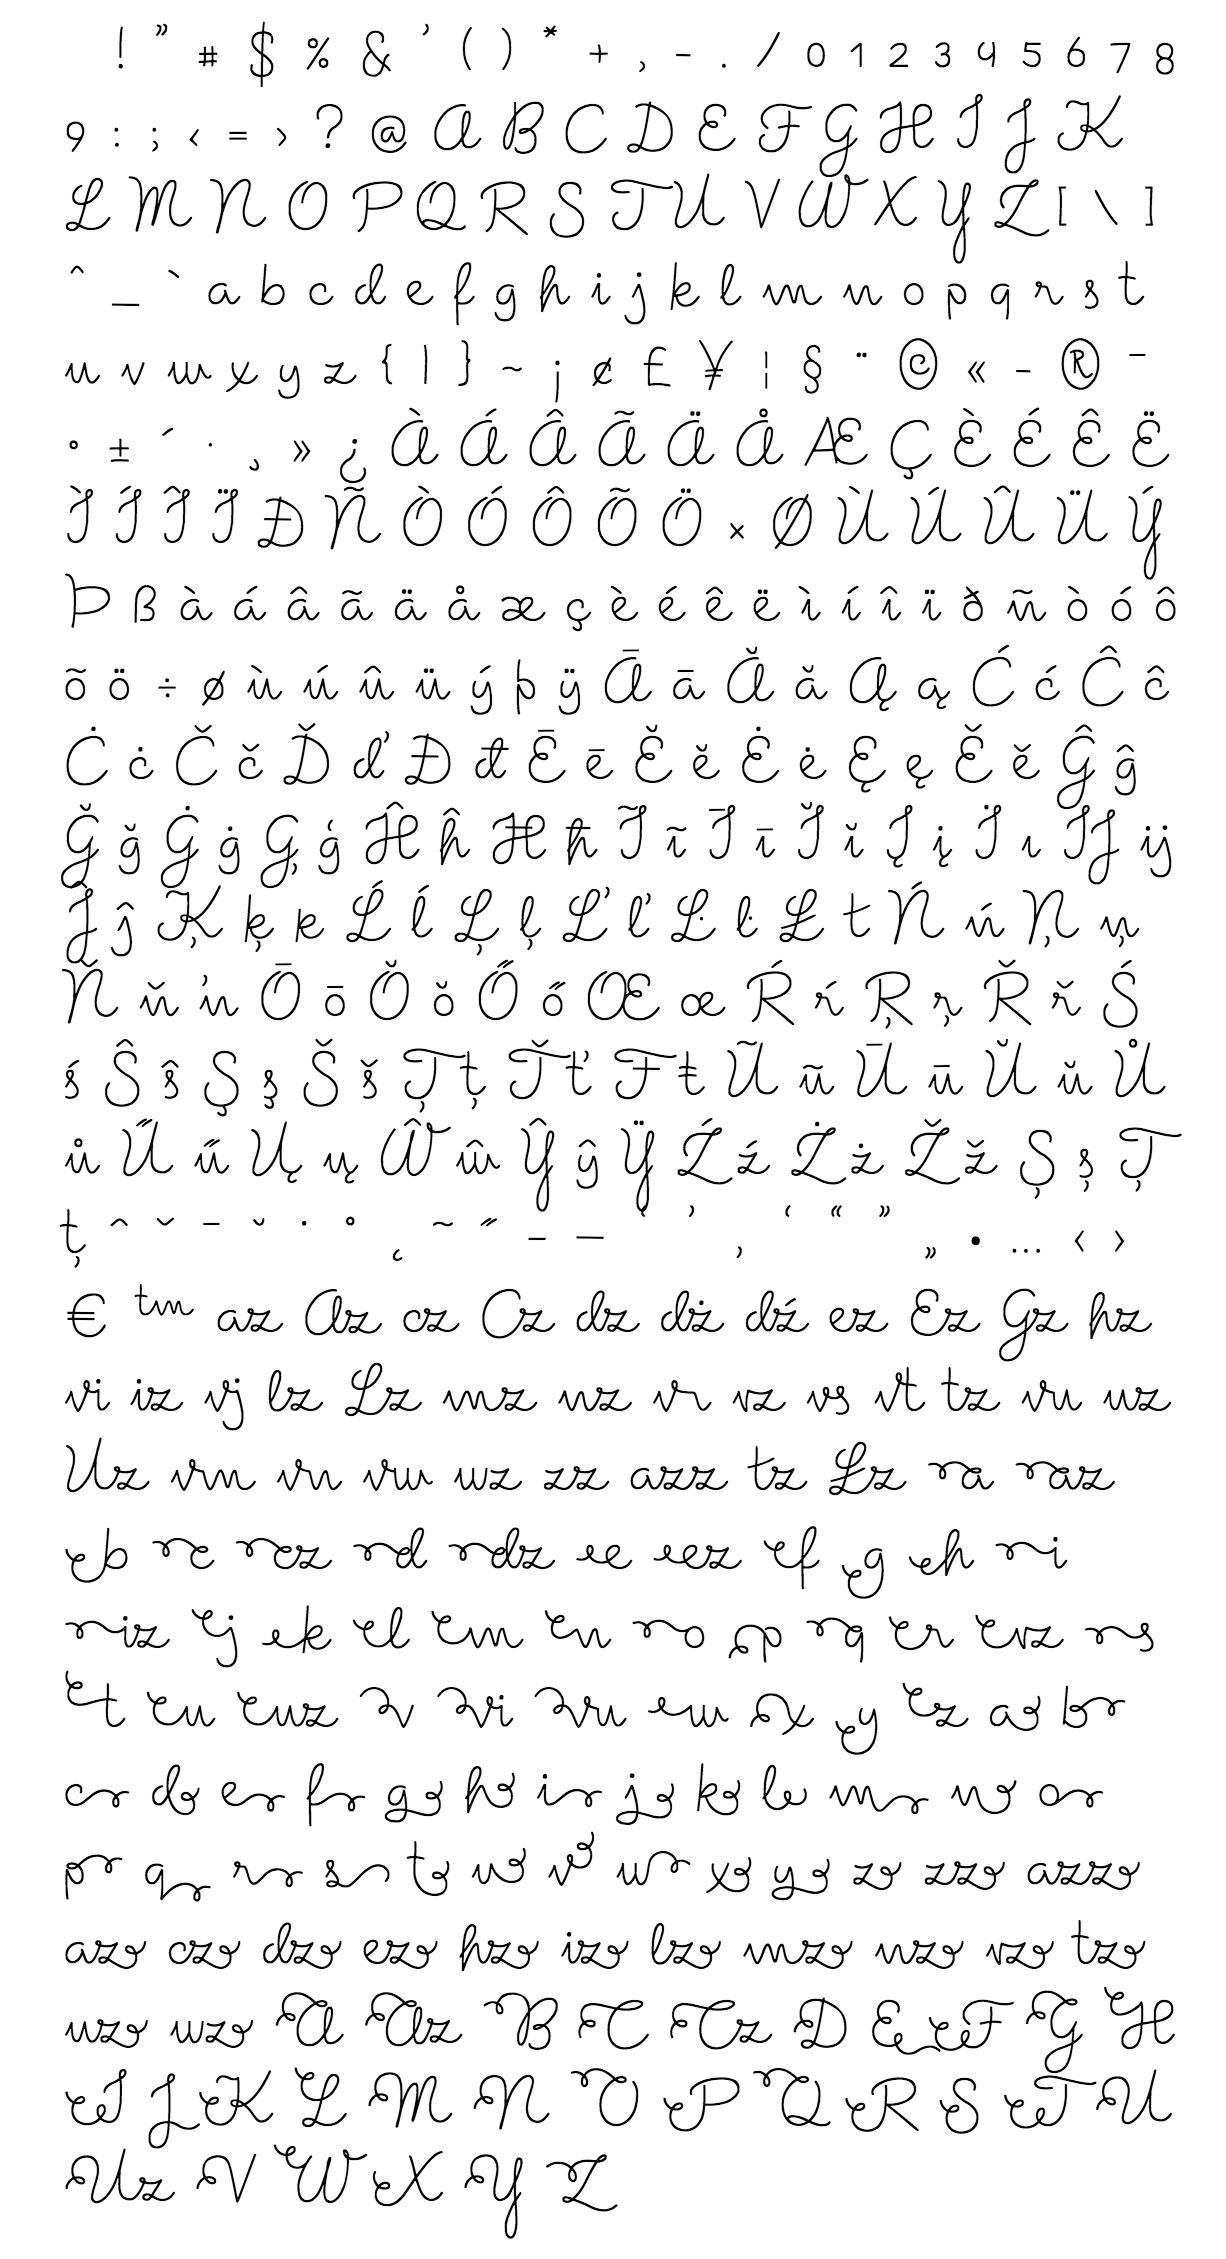 suarez font - complete character list